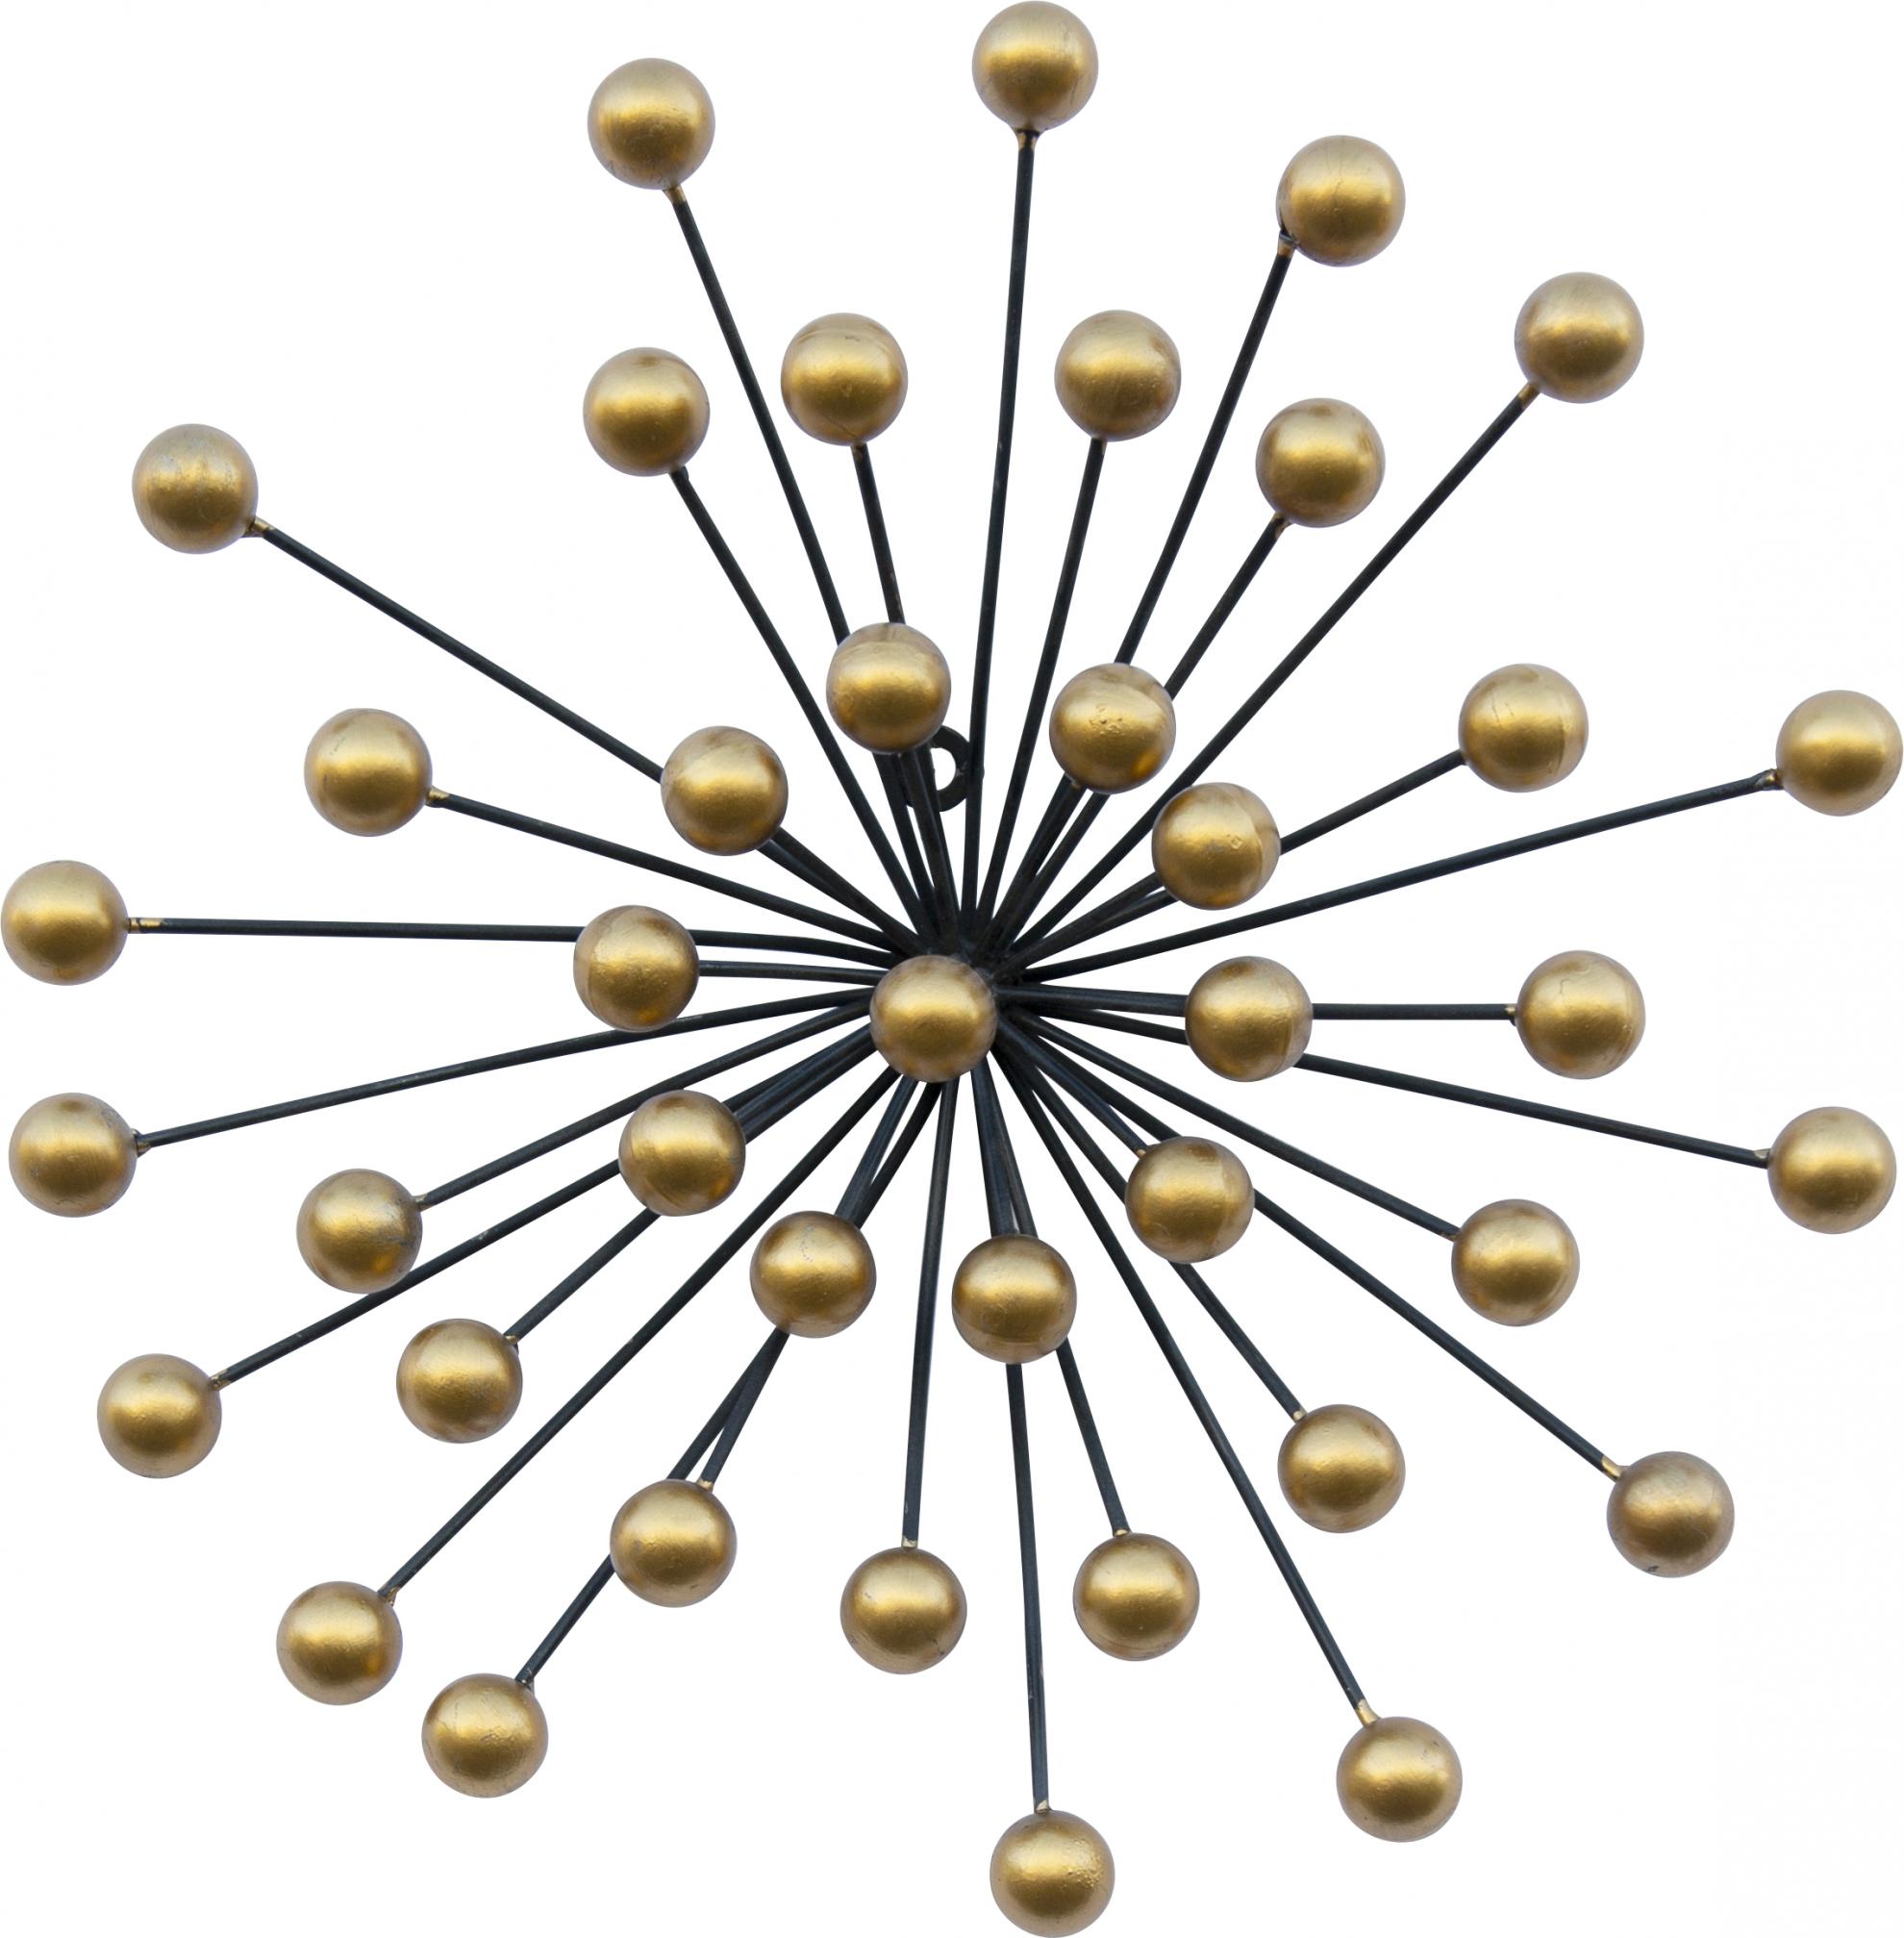 קישוט קיר כדוריות זהב קטן